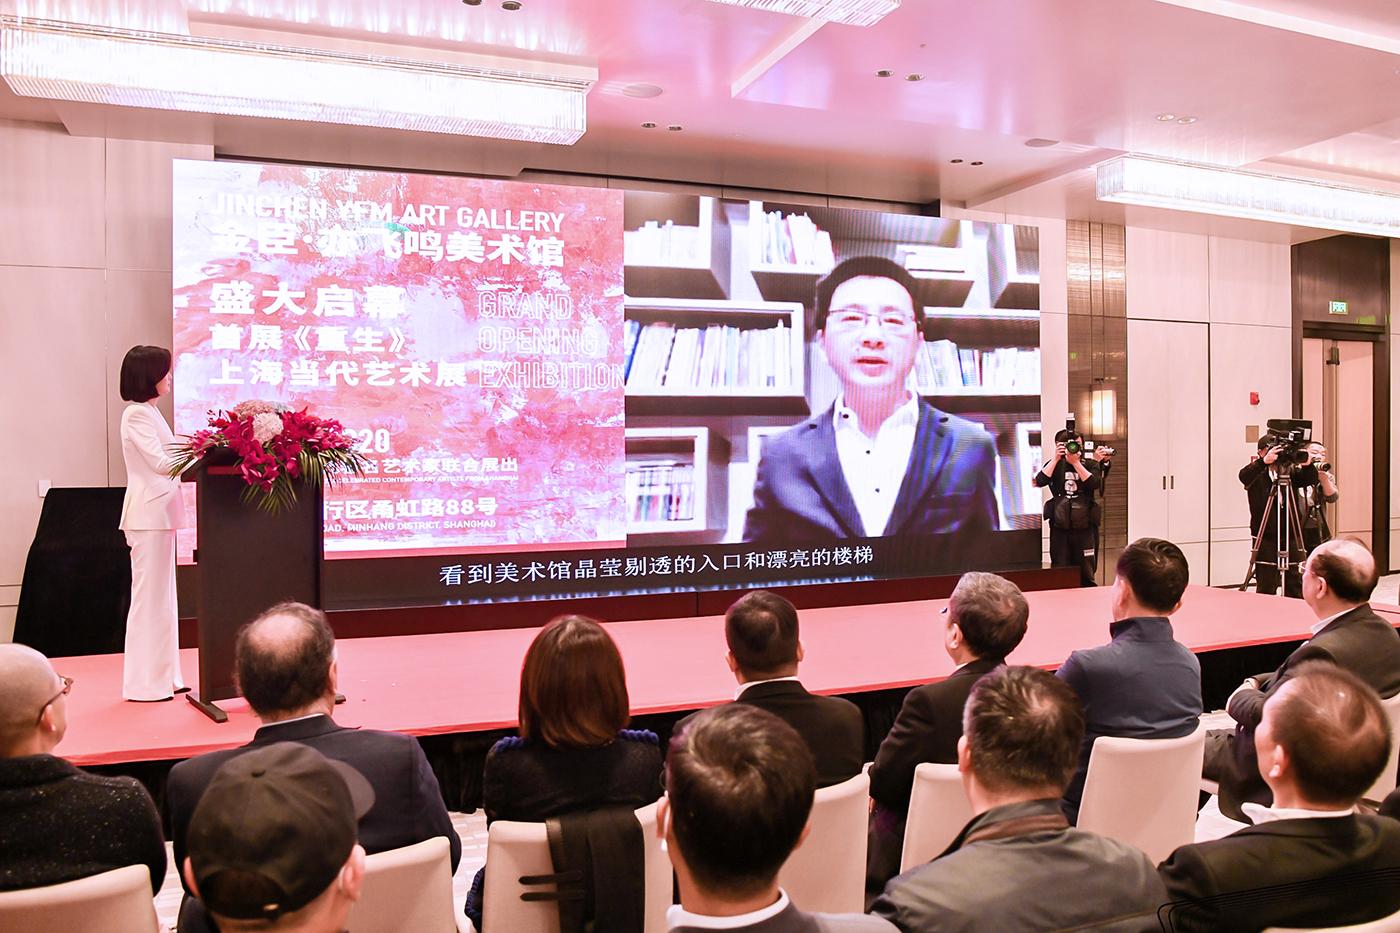 开幕式上,金臣集团总经理、金臣·亦飞鸣美术馆馆长顾备军发来祝贺视频。